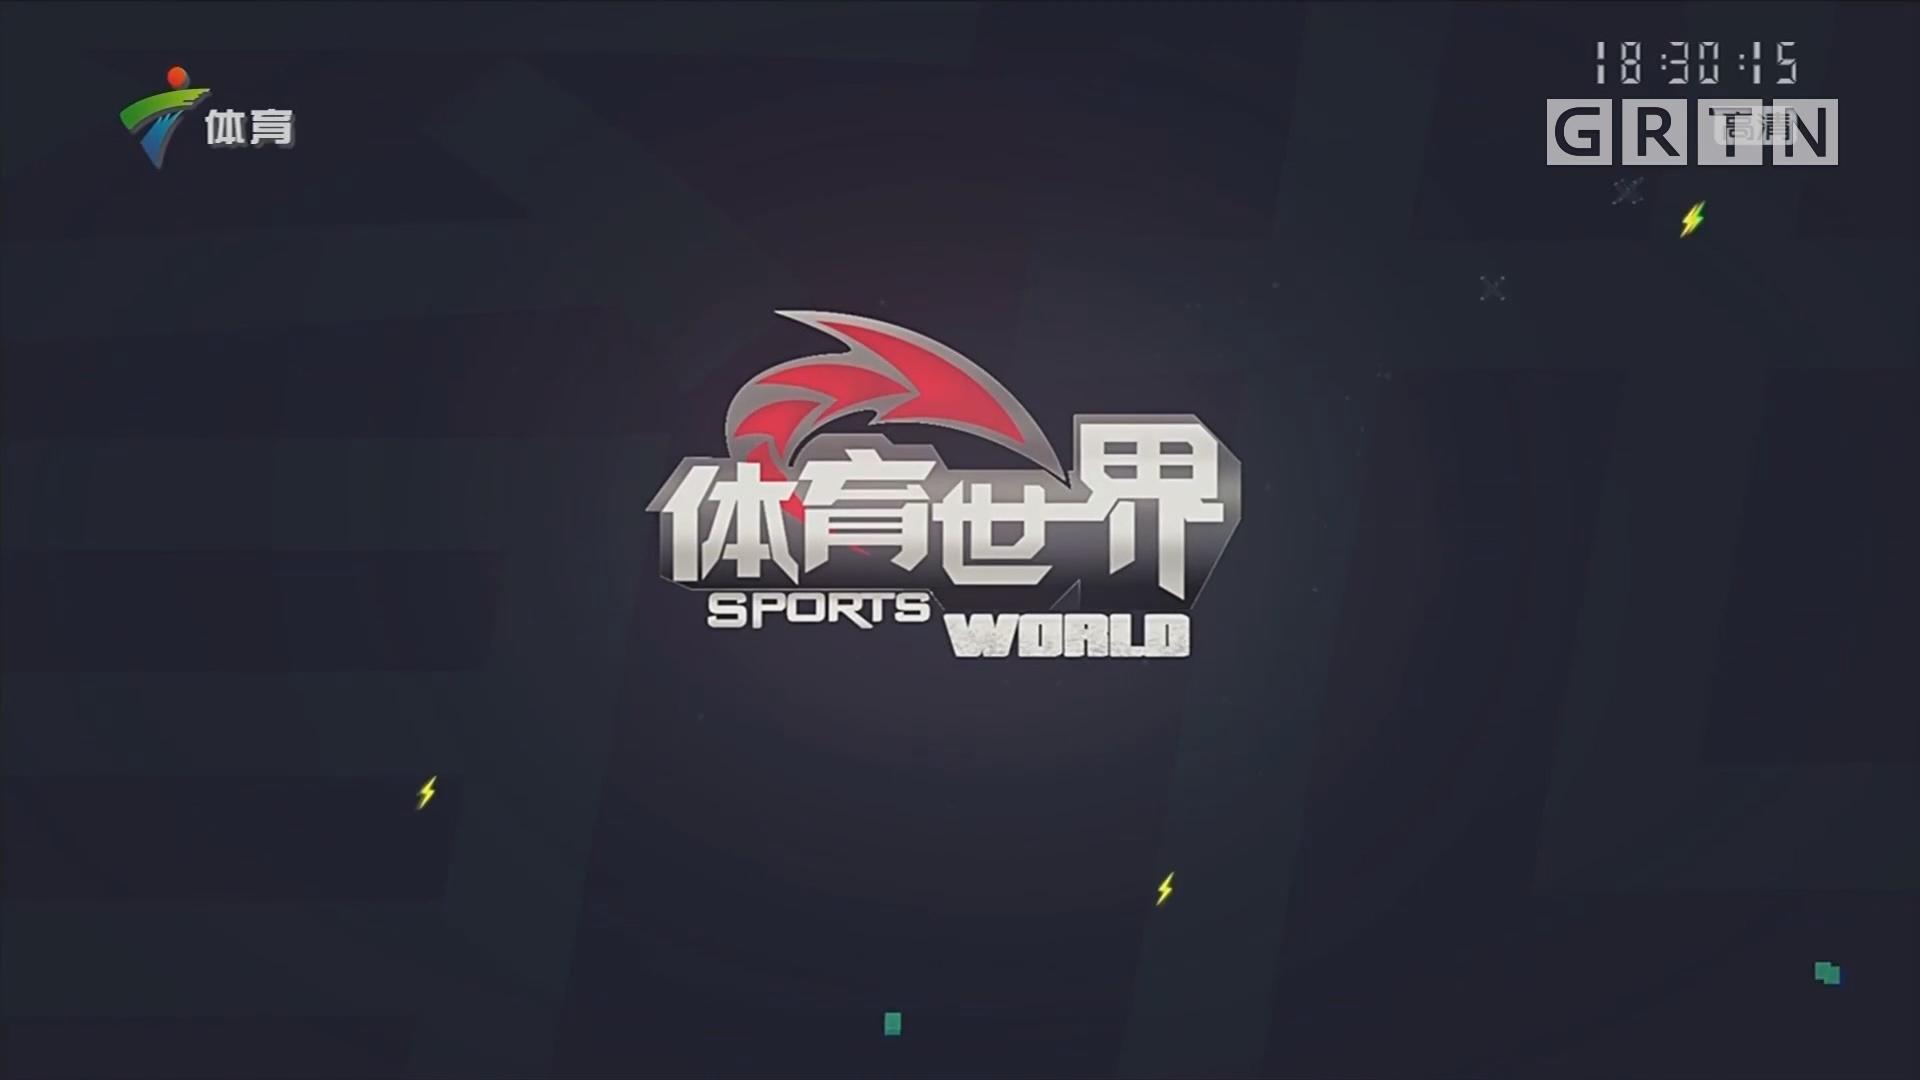 [HD][2019-01-20]体育世界:第三届粤澳杯篮球赛广东主场先拔头筹